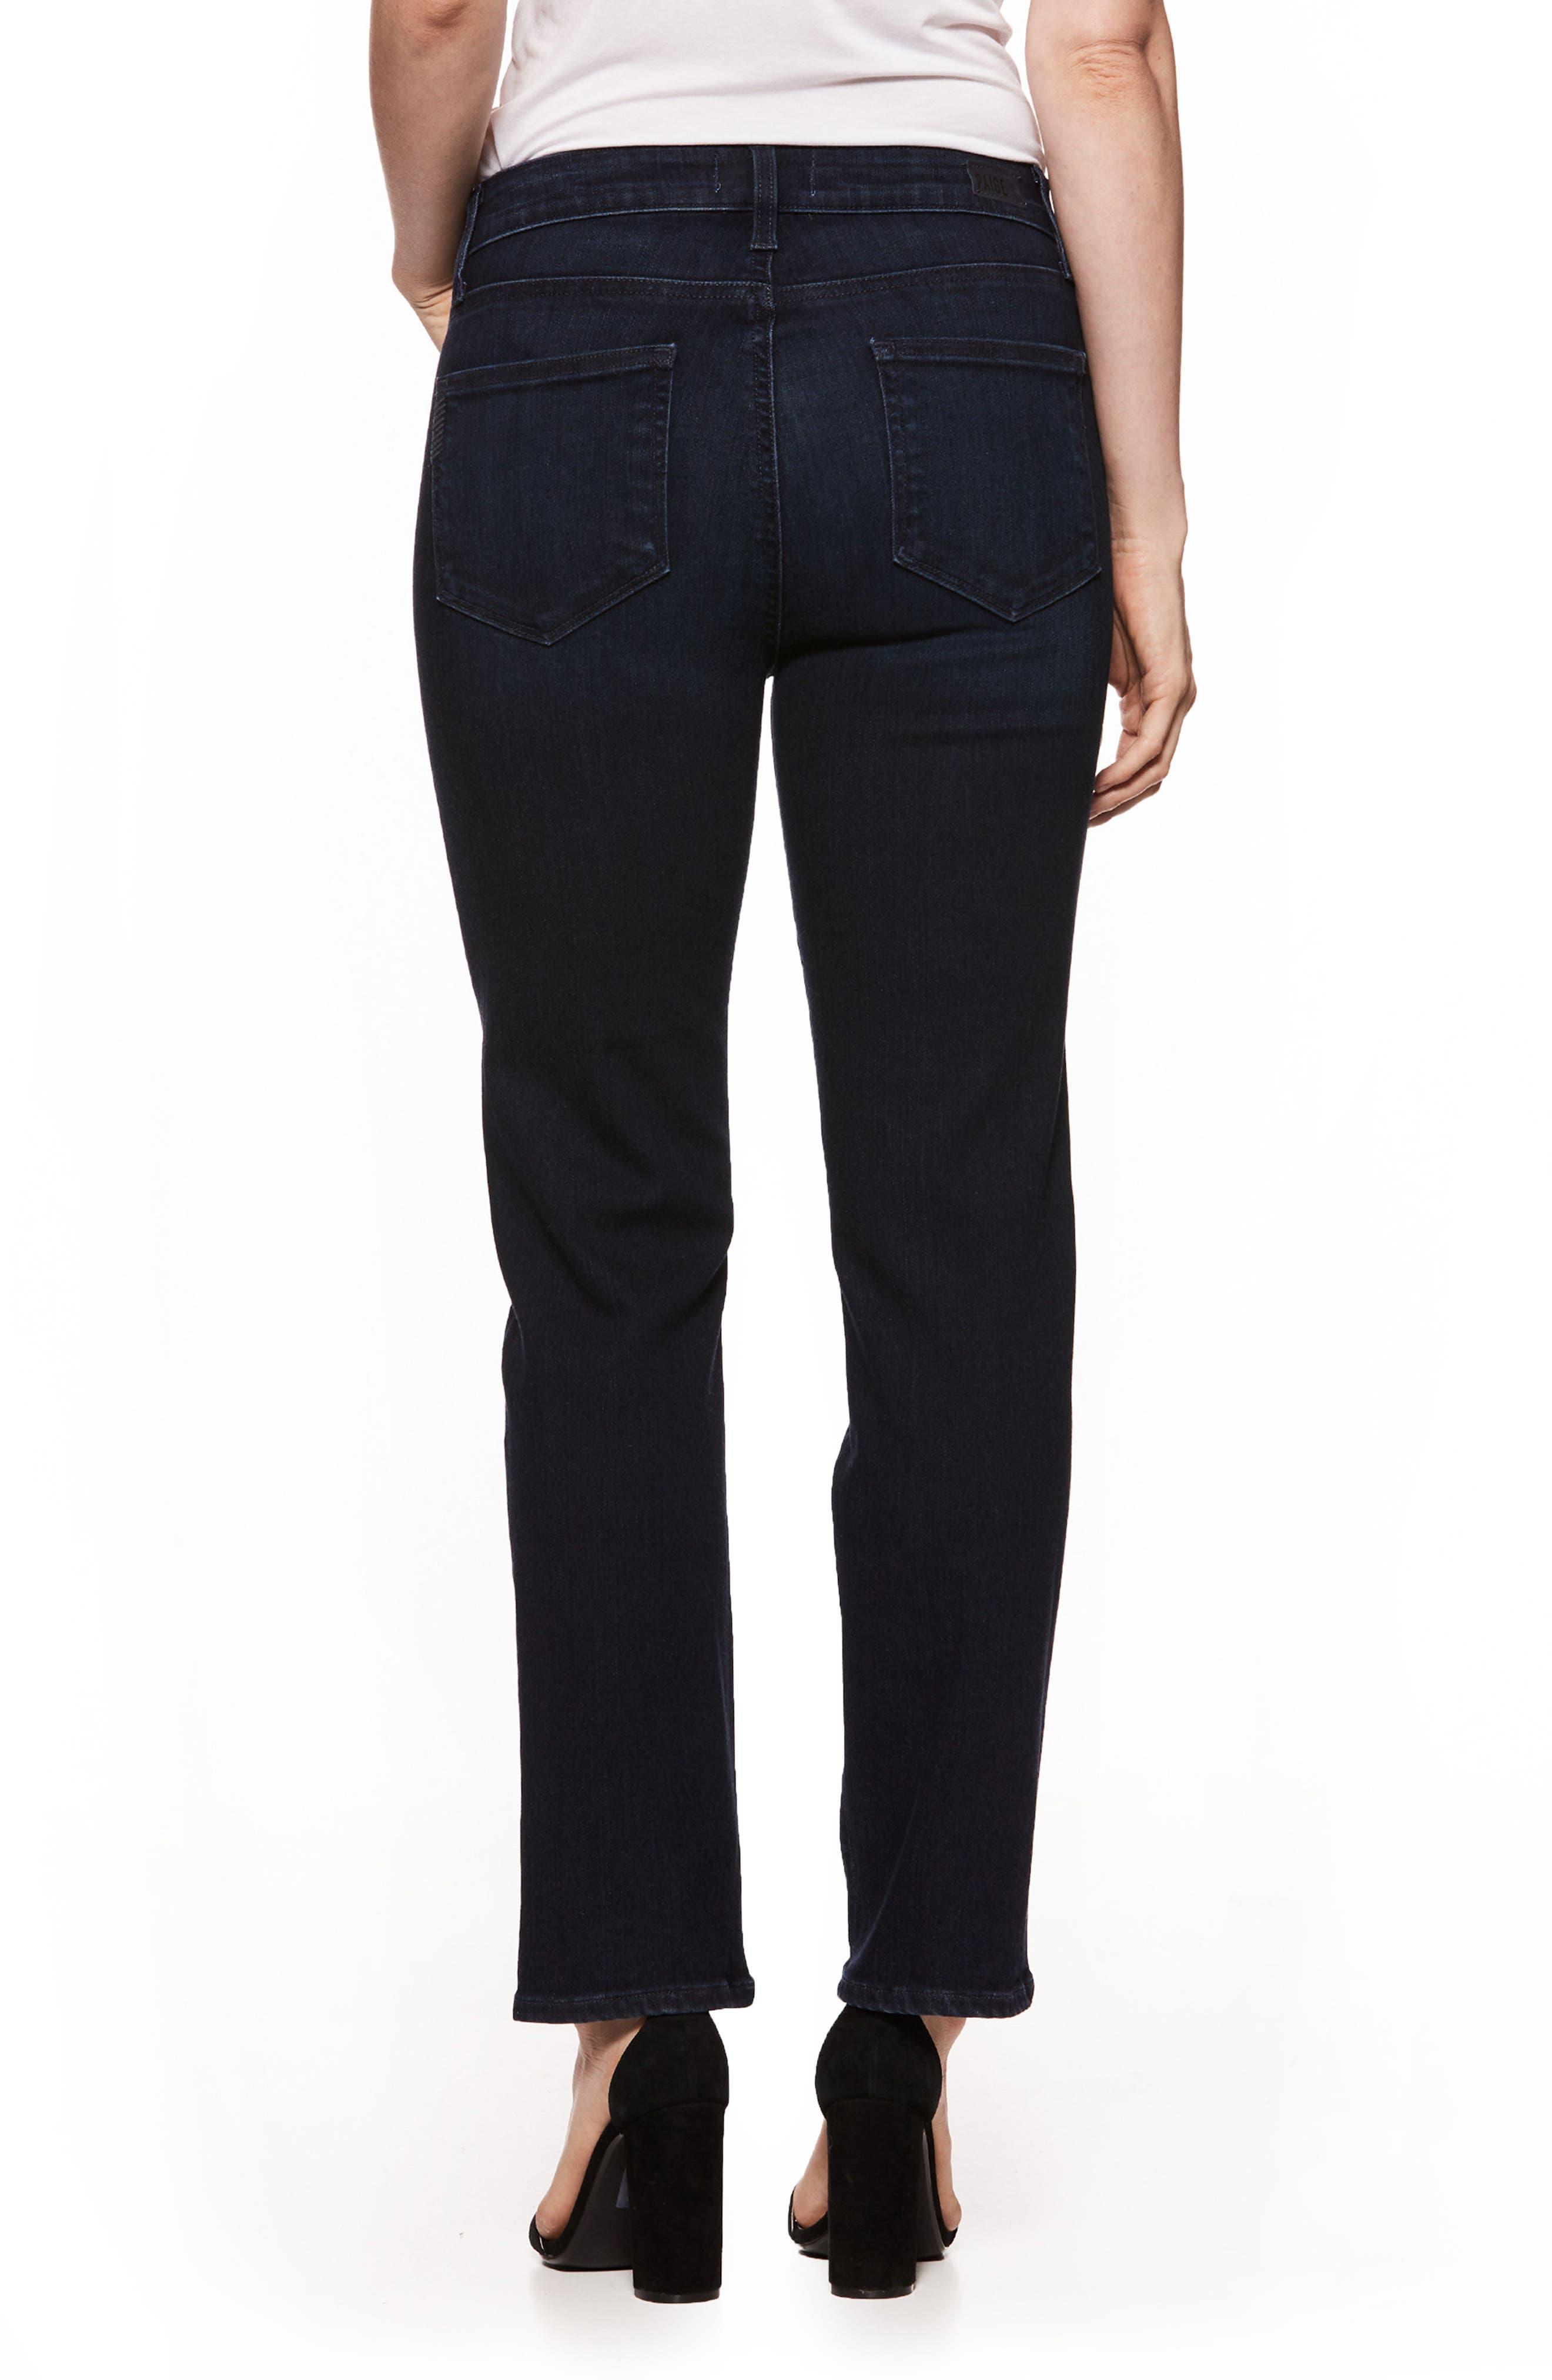 Jacqueline High Waist Crop Straight Leg Jeans,                             Alternate thumbnail 2, color,